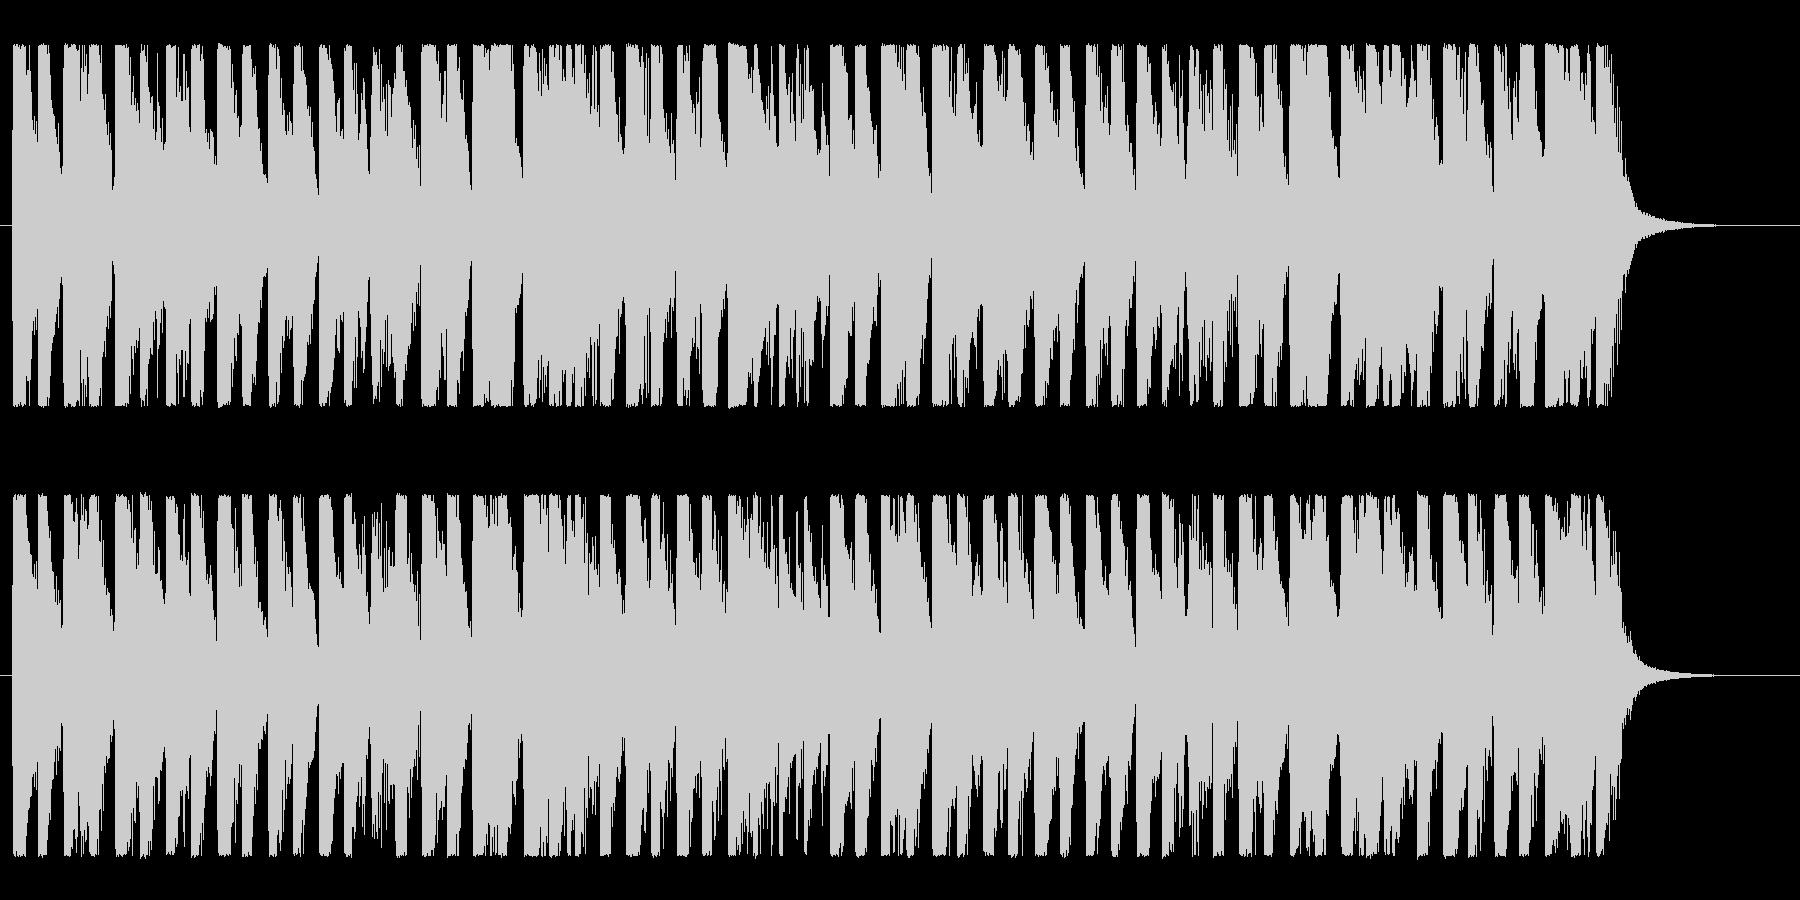 ハッピー&ポップ!明るいコーポレートロゴの未再生の波形